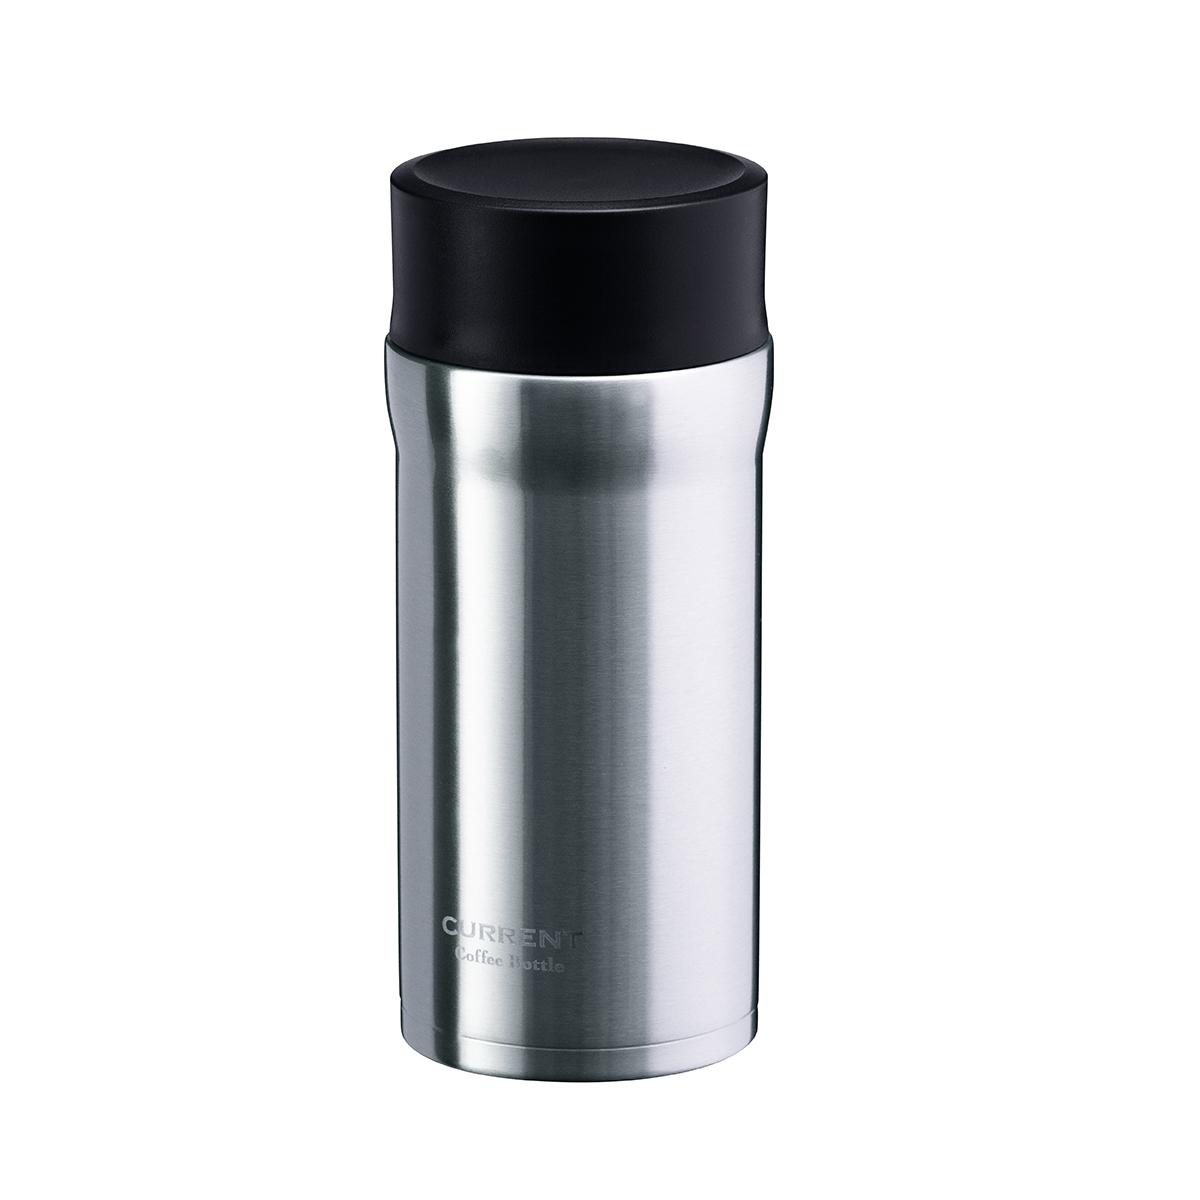 CURRENT コーヒーマグボトル 350ml シルバー